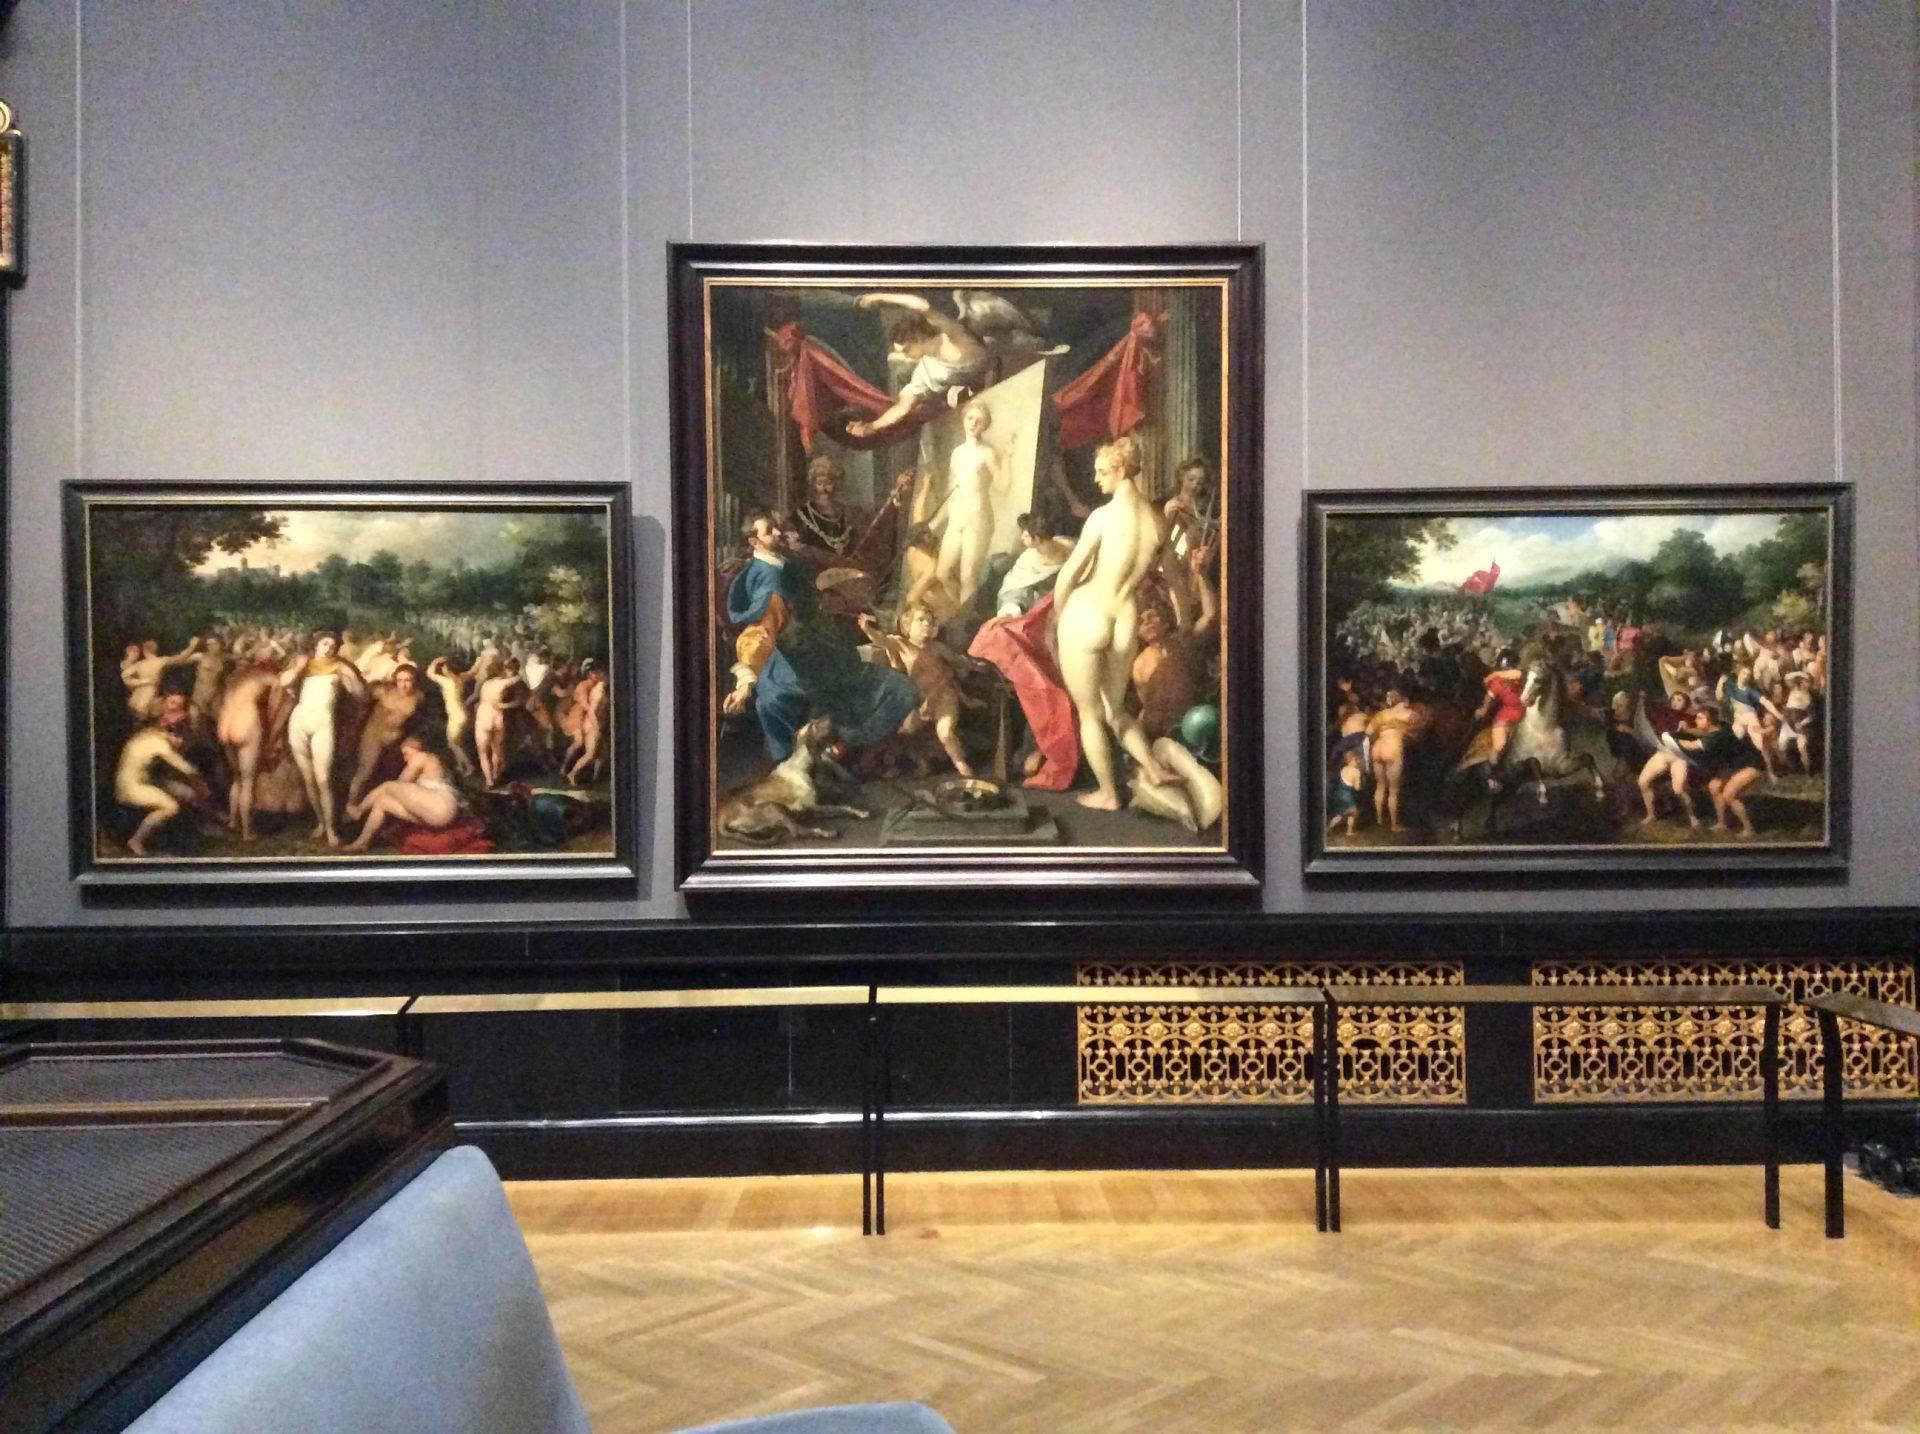 экскурсия красота живопись вена музей